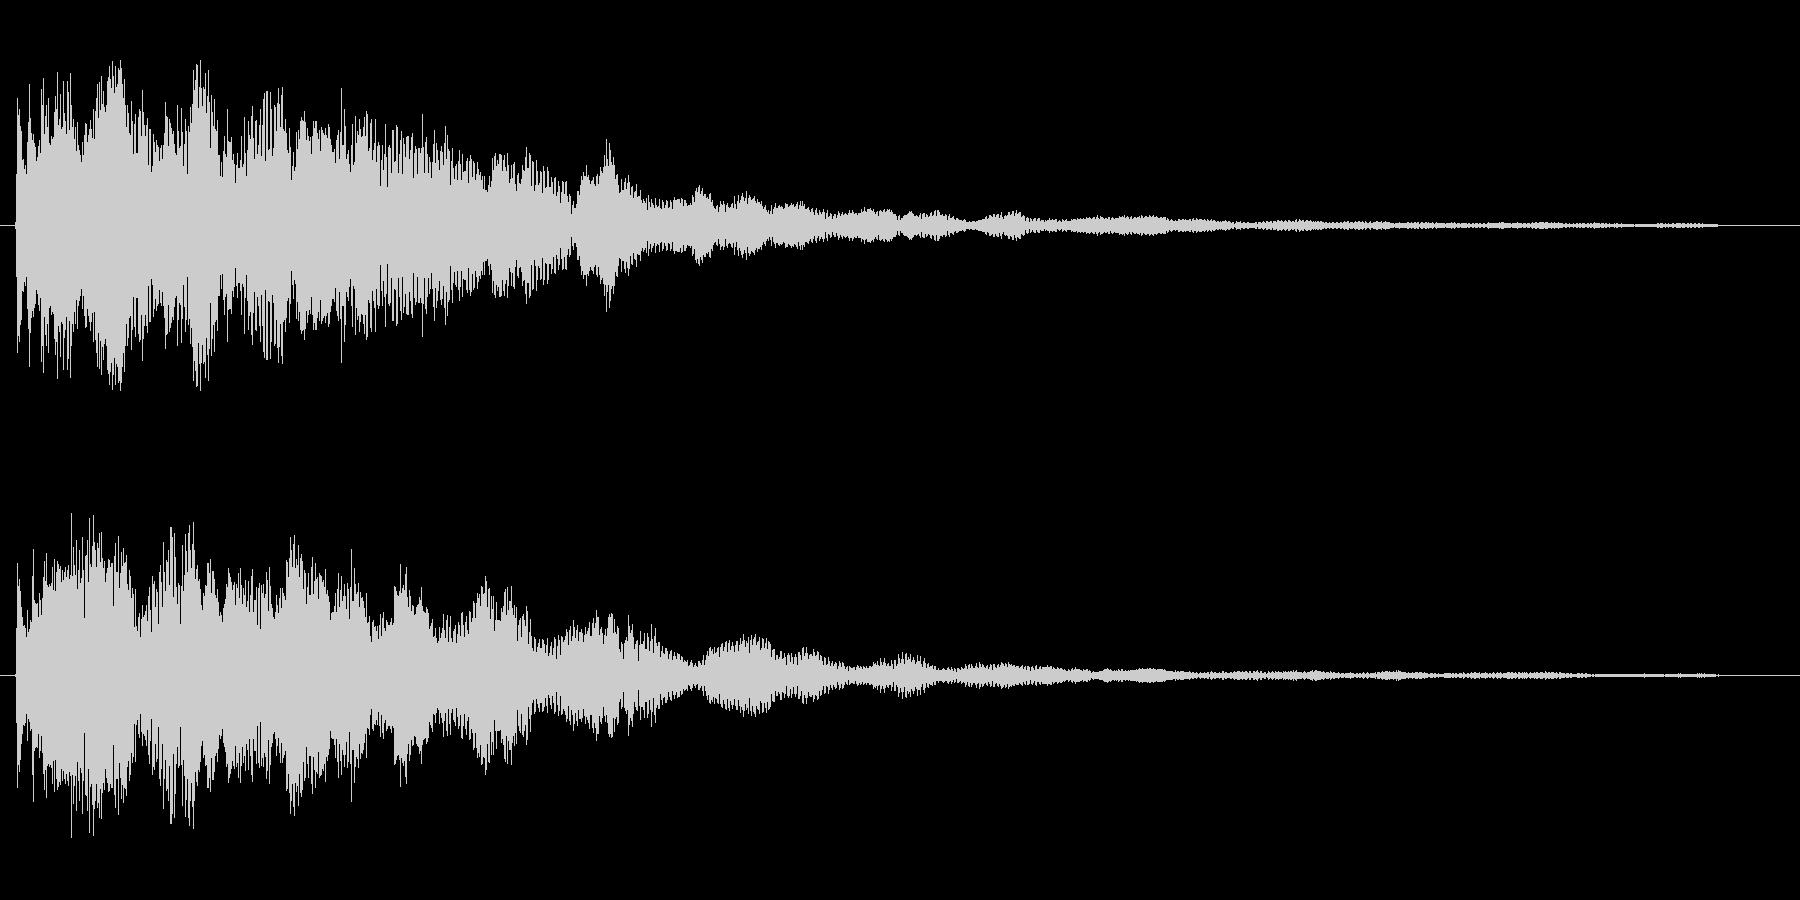 キュワーン(高い音色)の未再生の波形